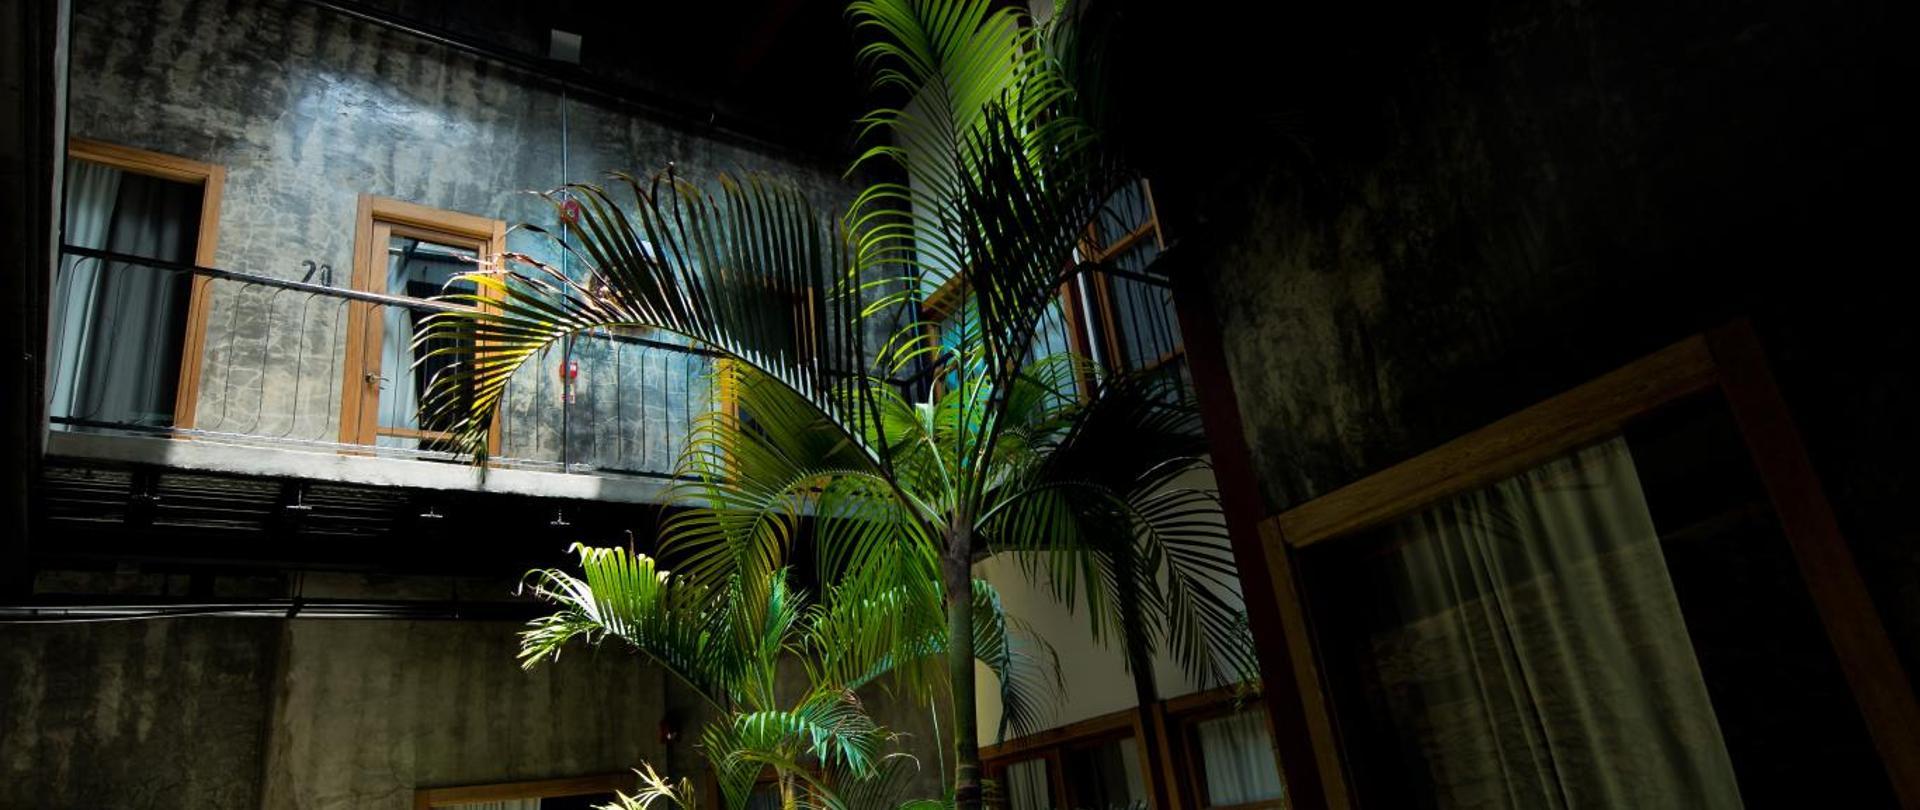 Casa Panama Hotel